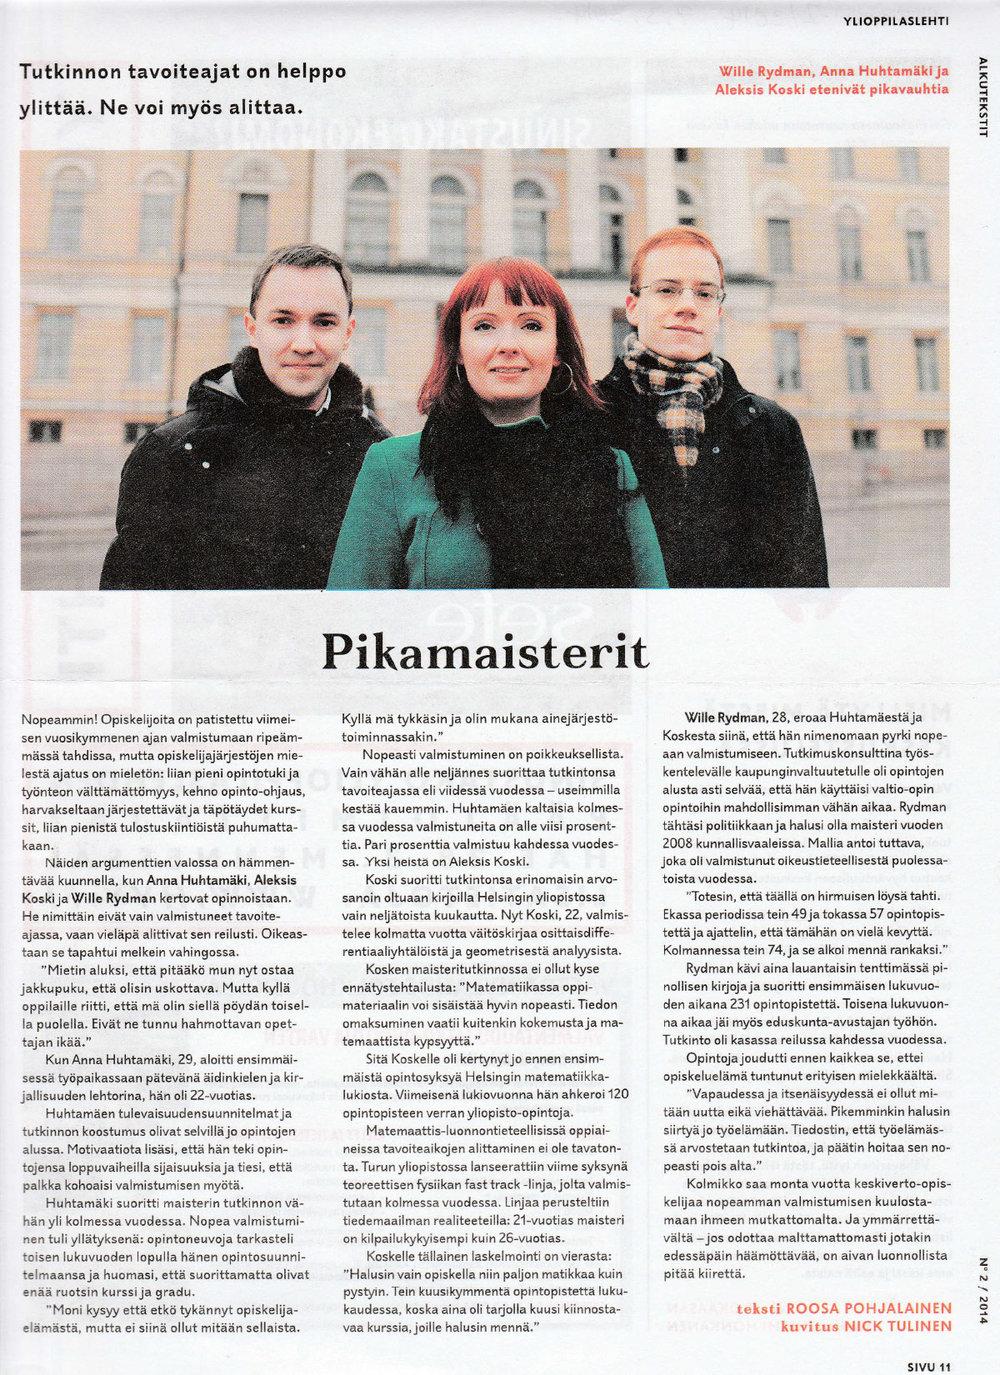 PIKAMAISTERIT - Ylioppilaslehti 07.03.2014